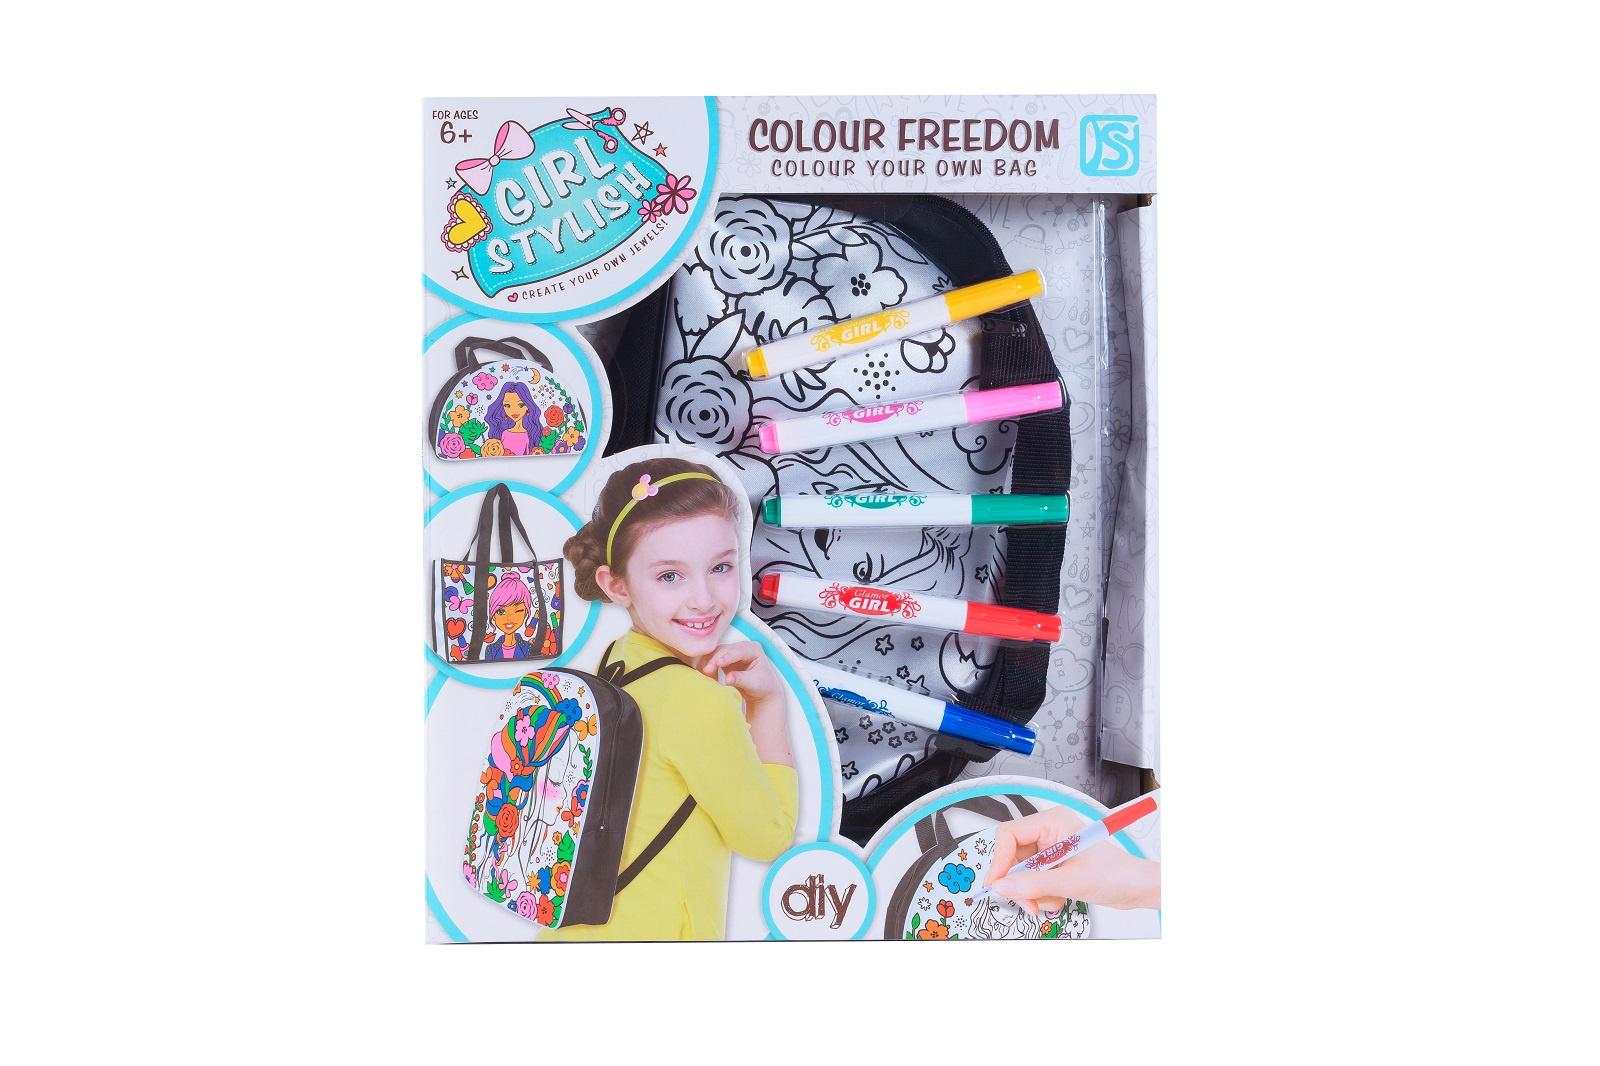 Набор для росписи по ткани S+S Toys сумка + 5 фломастеров игровой набор s s toys мельница пингвин eq80019r не разлей вода